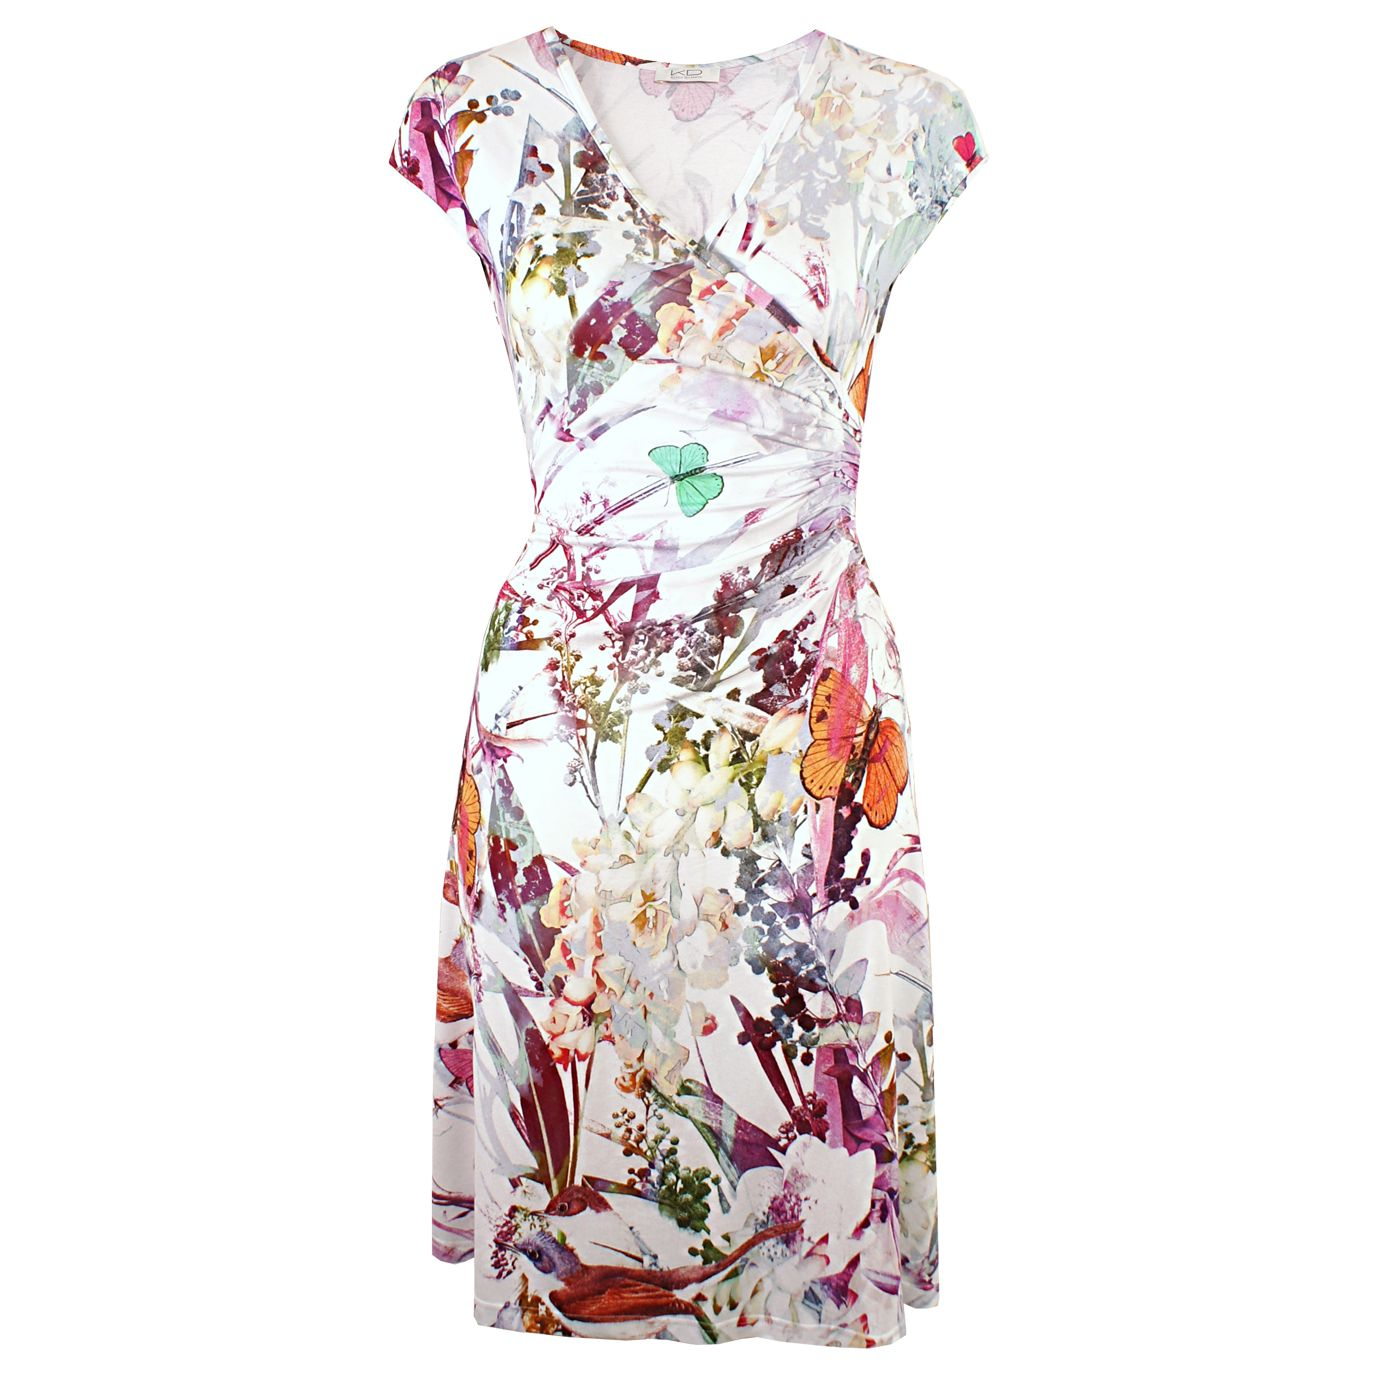 Savis Tropic White Von Kd Klaus Dilkrath Kdklausdilkrath Kd Dilkrath Kd12 Outfit Savis Dress Kleid Tropic White Flower Wickelkleid Kleider Modestil